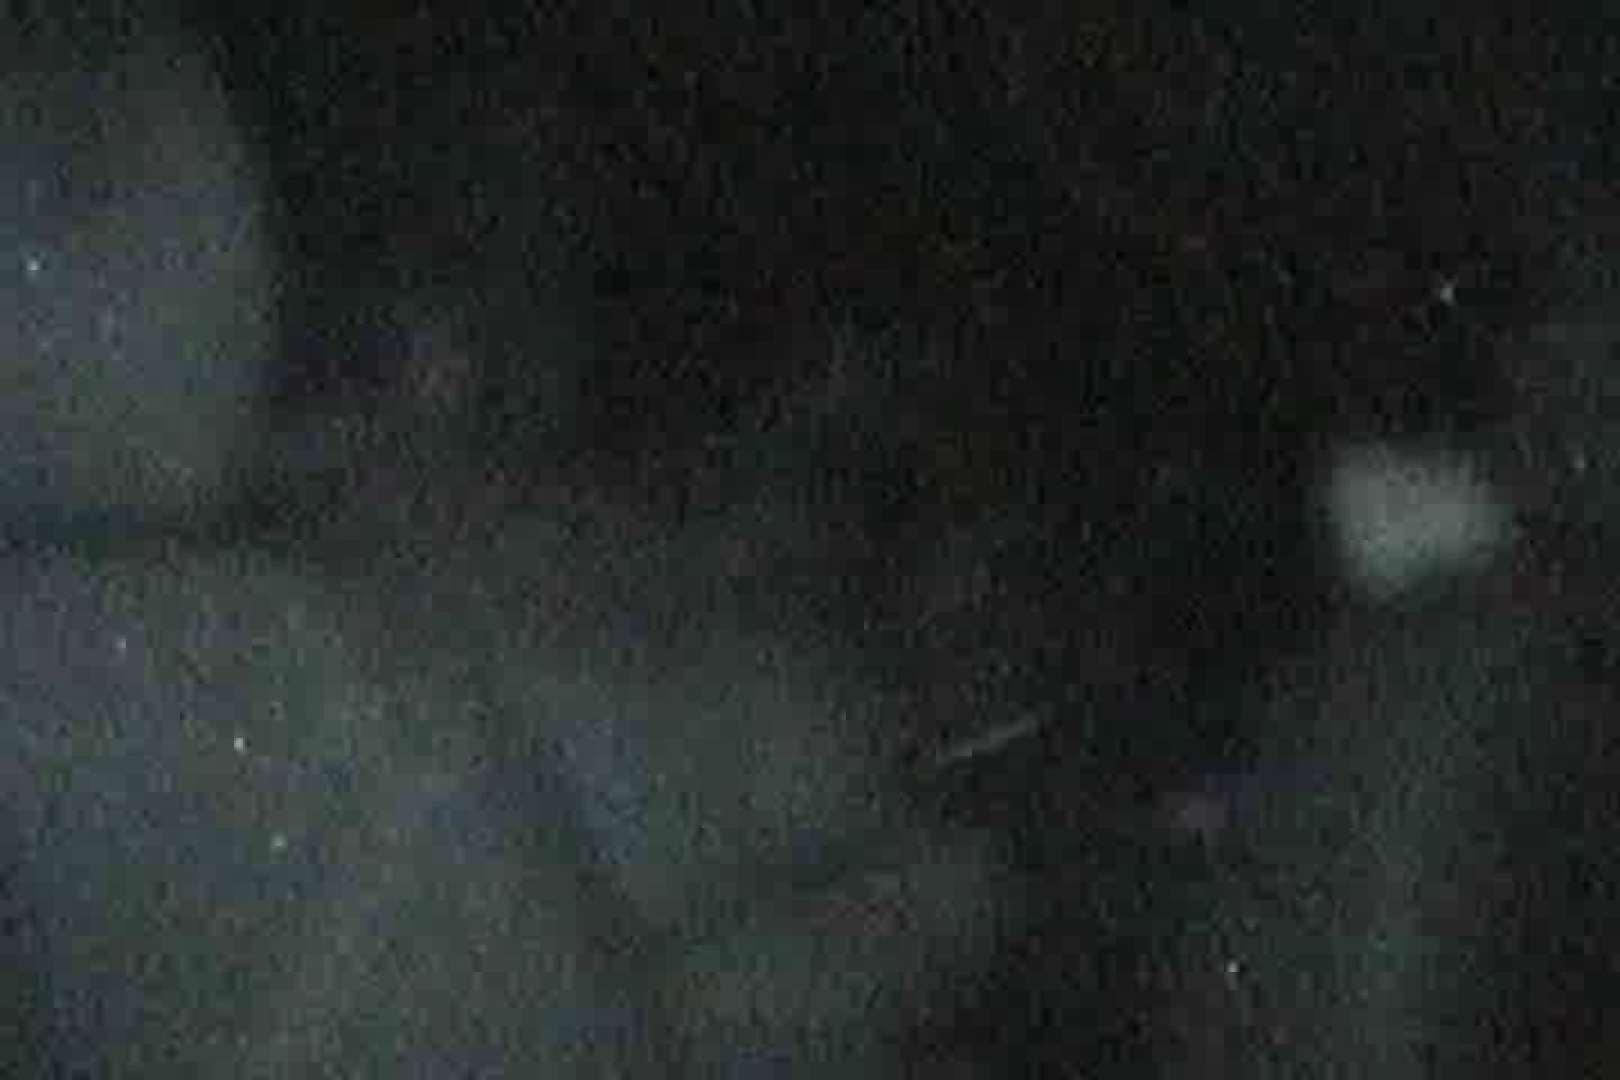 充血監督の深夜の運動会Vol.21 カップルもろsex おめこ無修正動画無料 45PICs 43